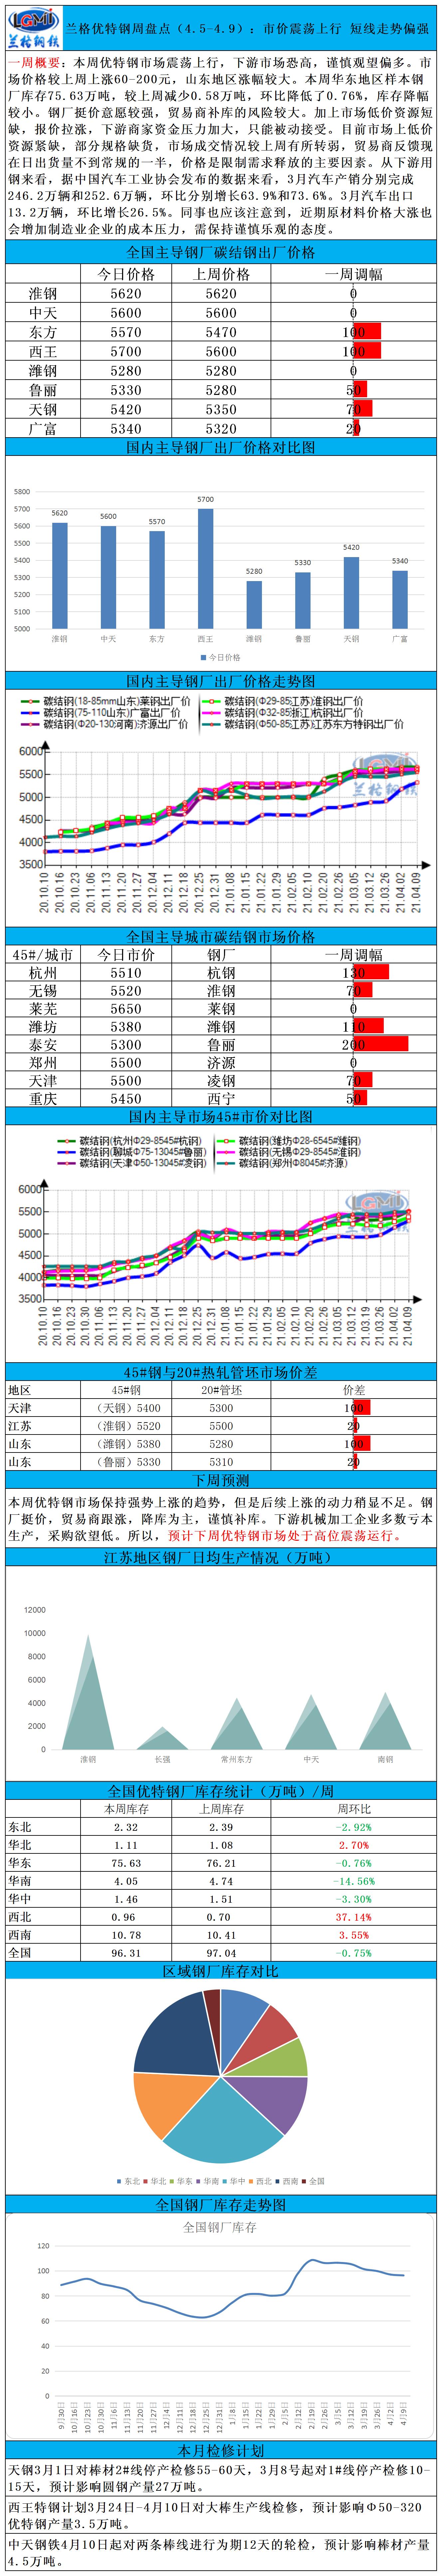 兰格优特钢周盘点(4.5-4.9):市价震荡上行 短线走势偏强